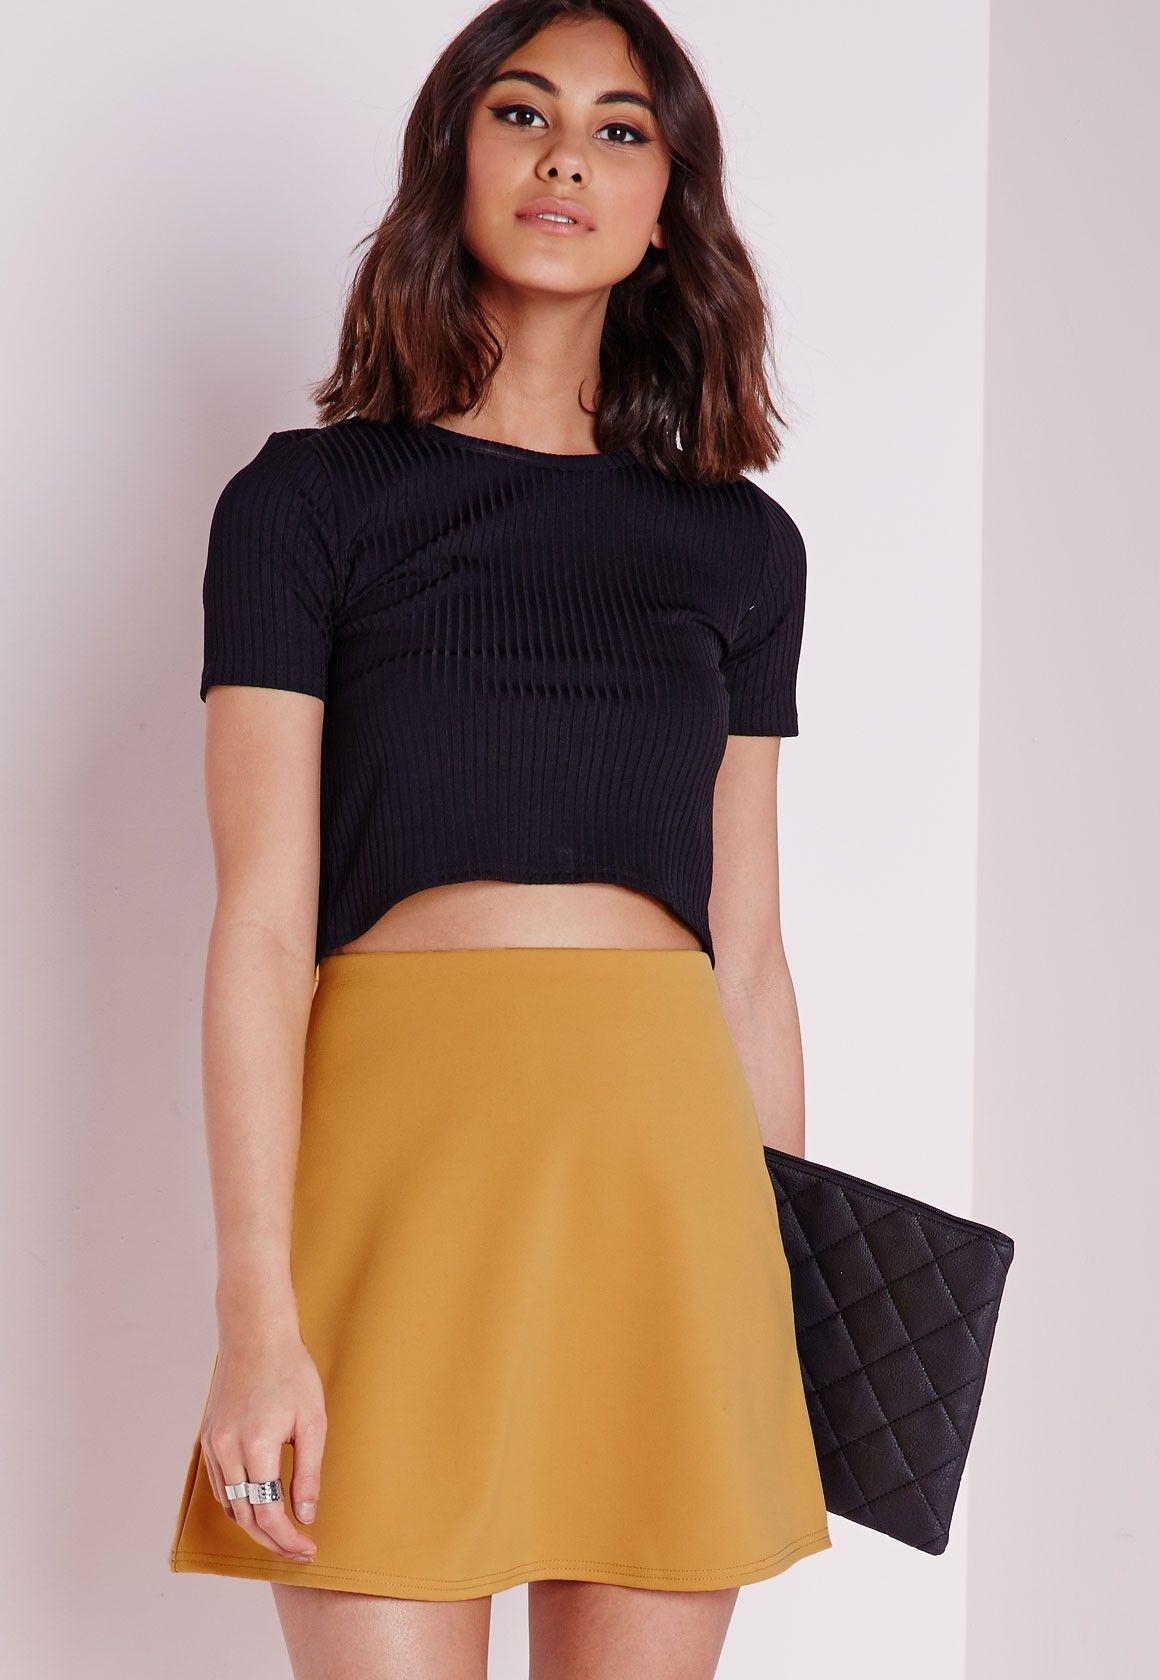 Scuba A Line Skirt Mustard - A Line - Skirts - Missguided | Going ...